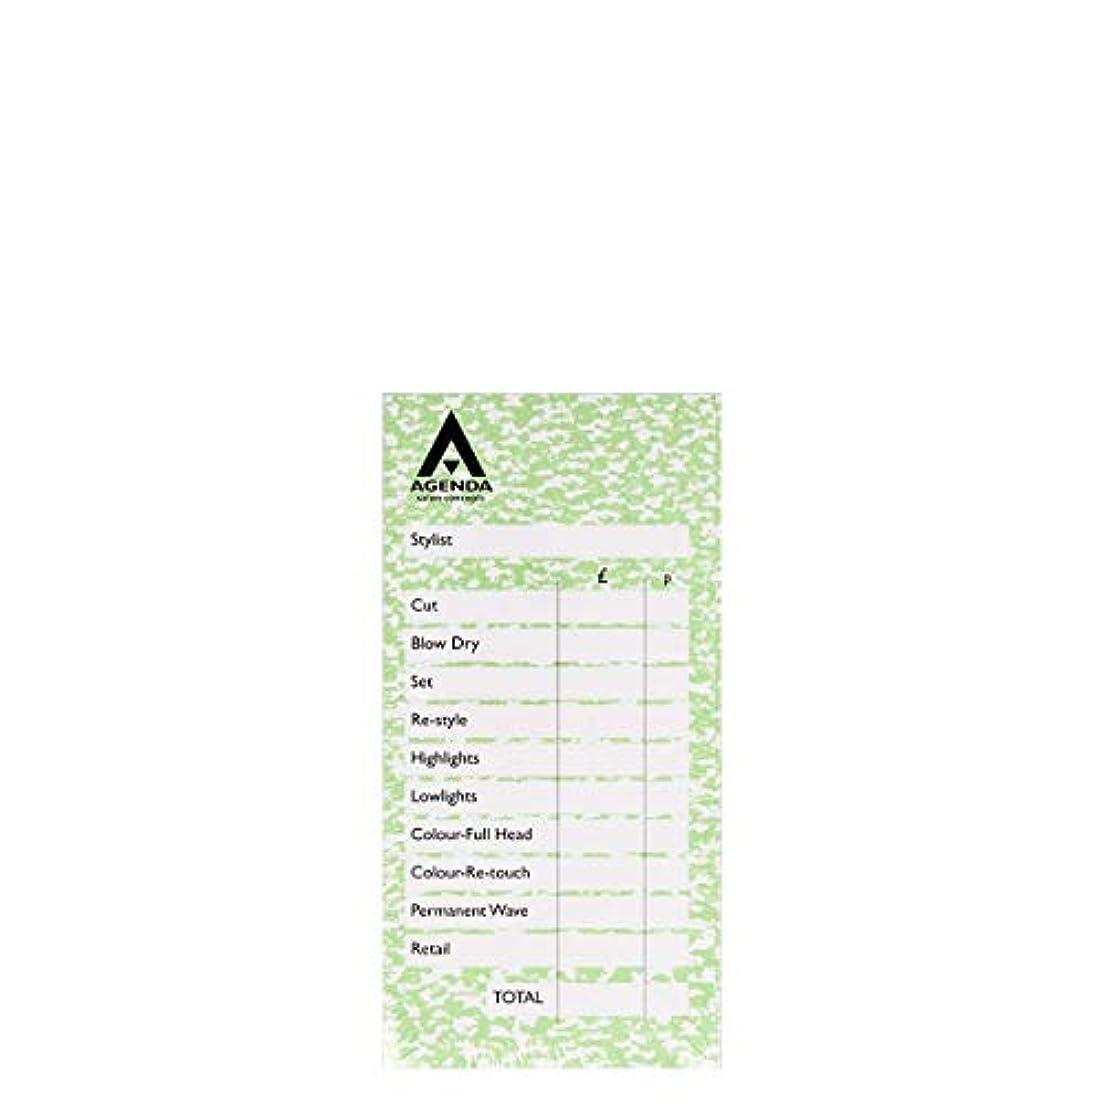 構造ピース区アジェンダ サロンコンセプト チェックパッドグリーン6x100リーフ[海外直送品] [並行輸入品]